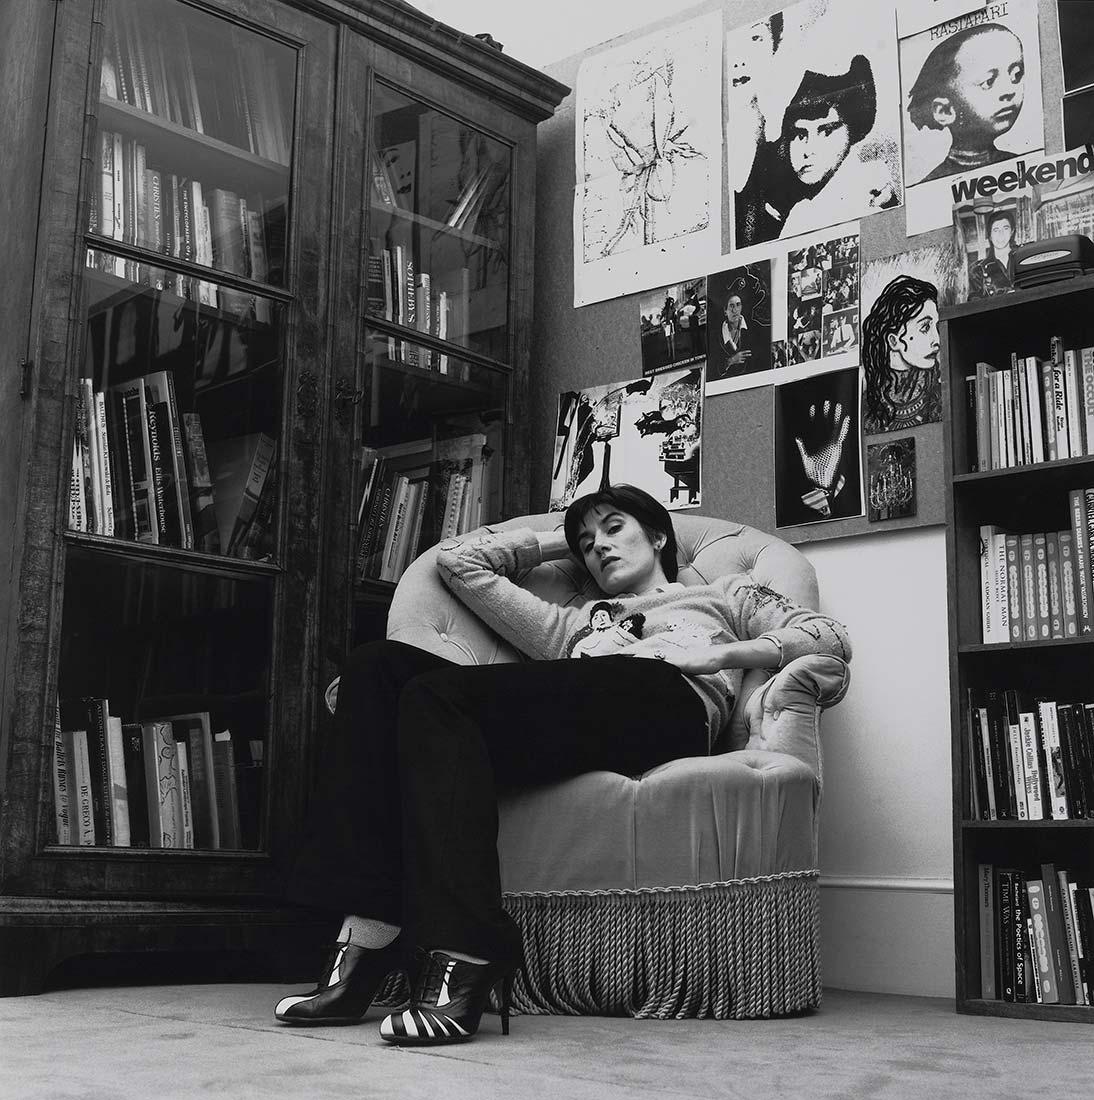 Bella Freud, Fashion Designer, 1997